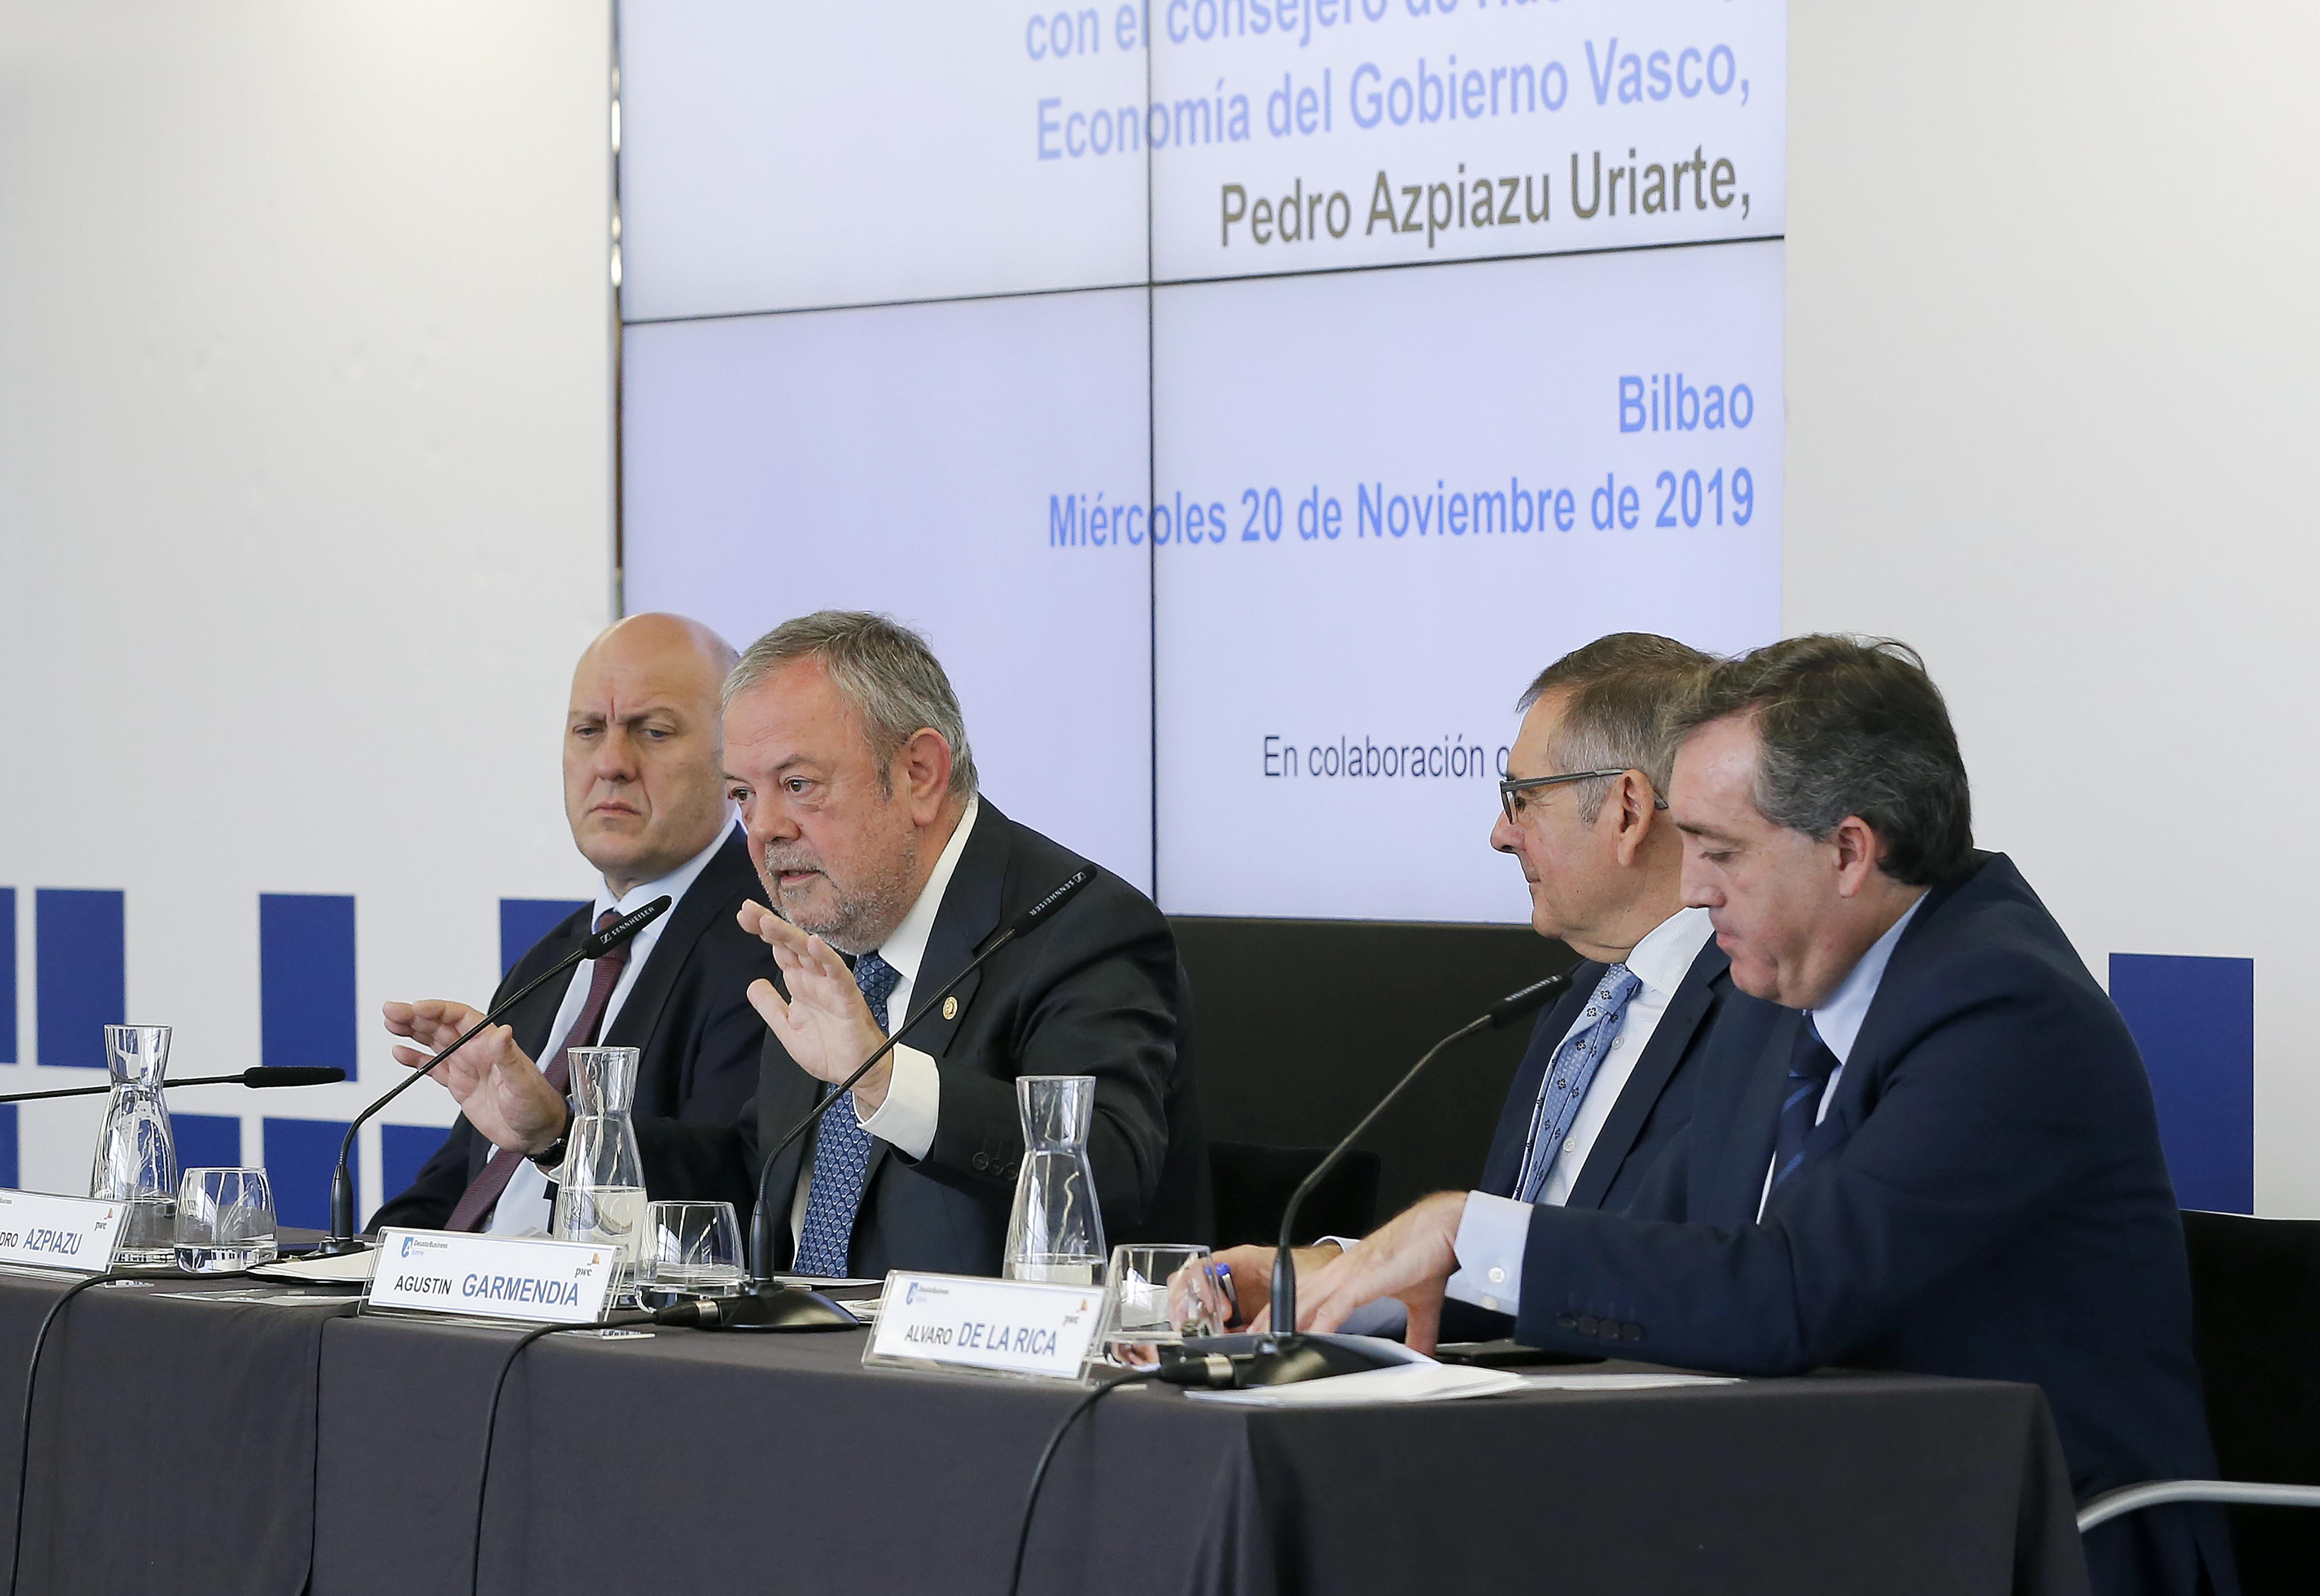 """Conferencia del Consejero Pedro Azpiazu """"Mirada económica al presente y futuro de Euskadi"""" en el encuentro de Deusto Business  Alumni"""